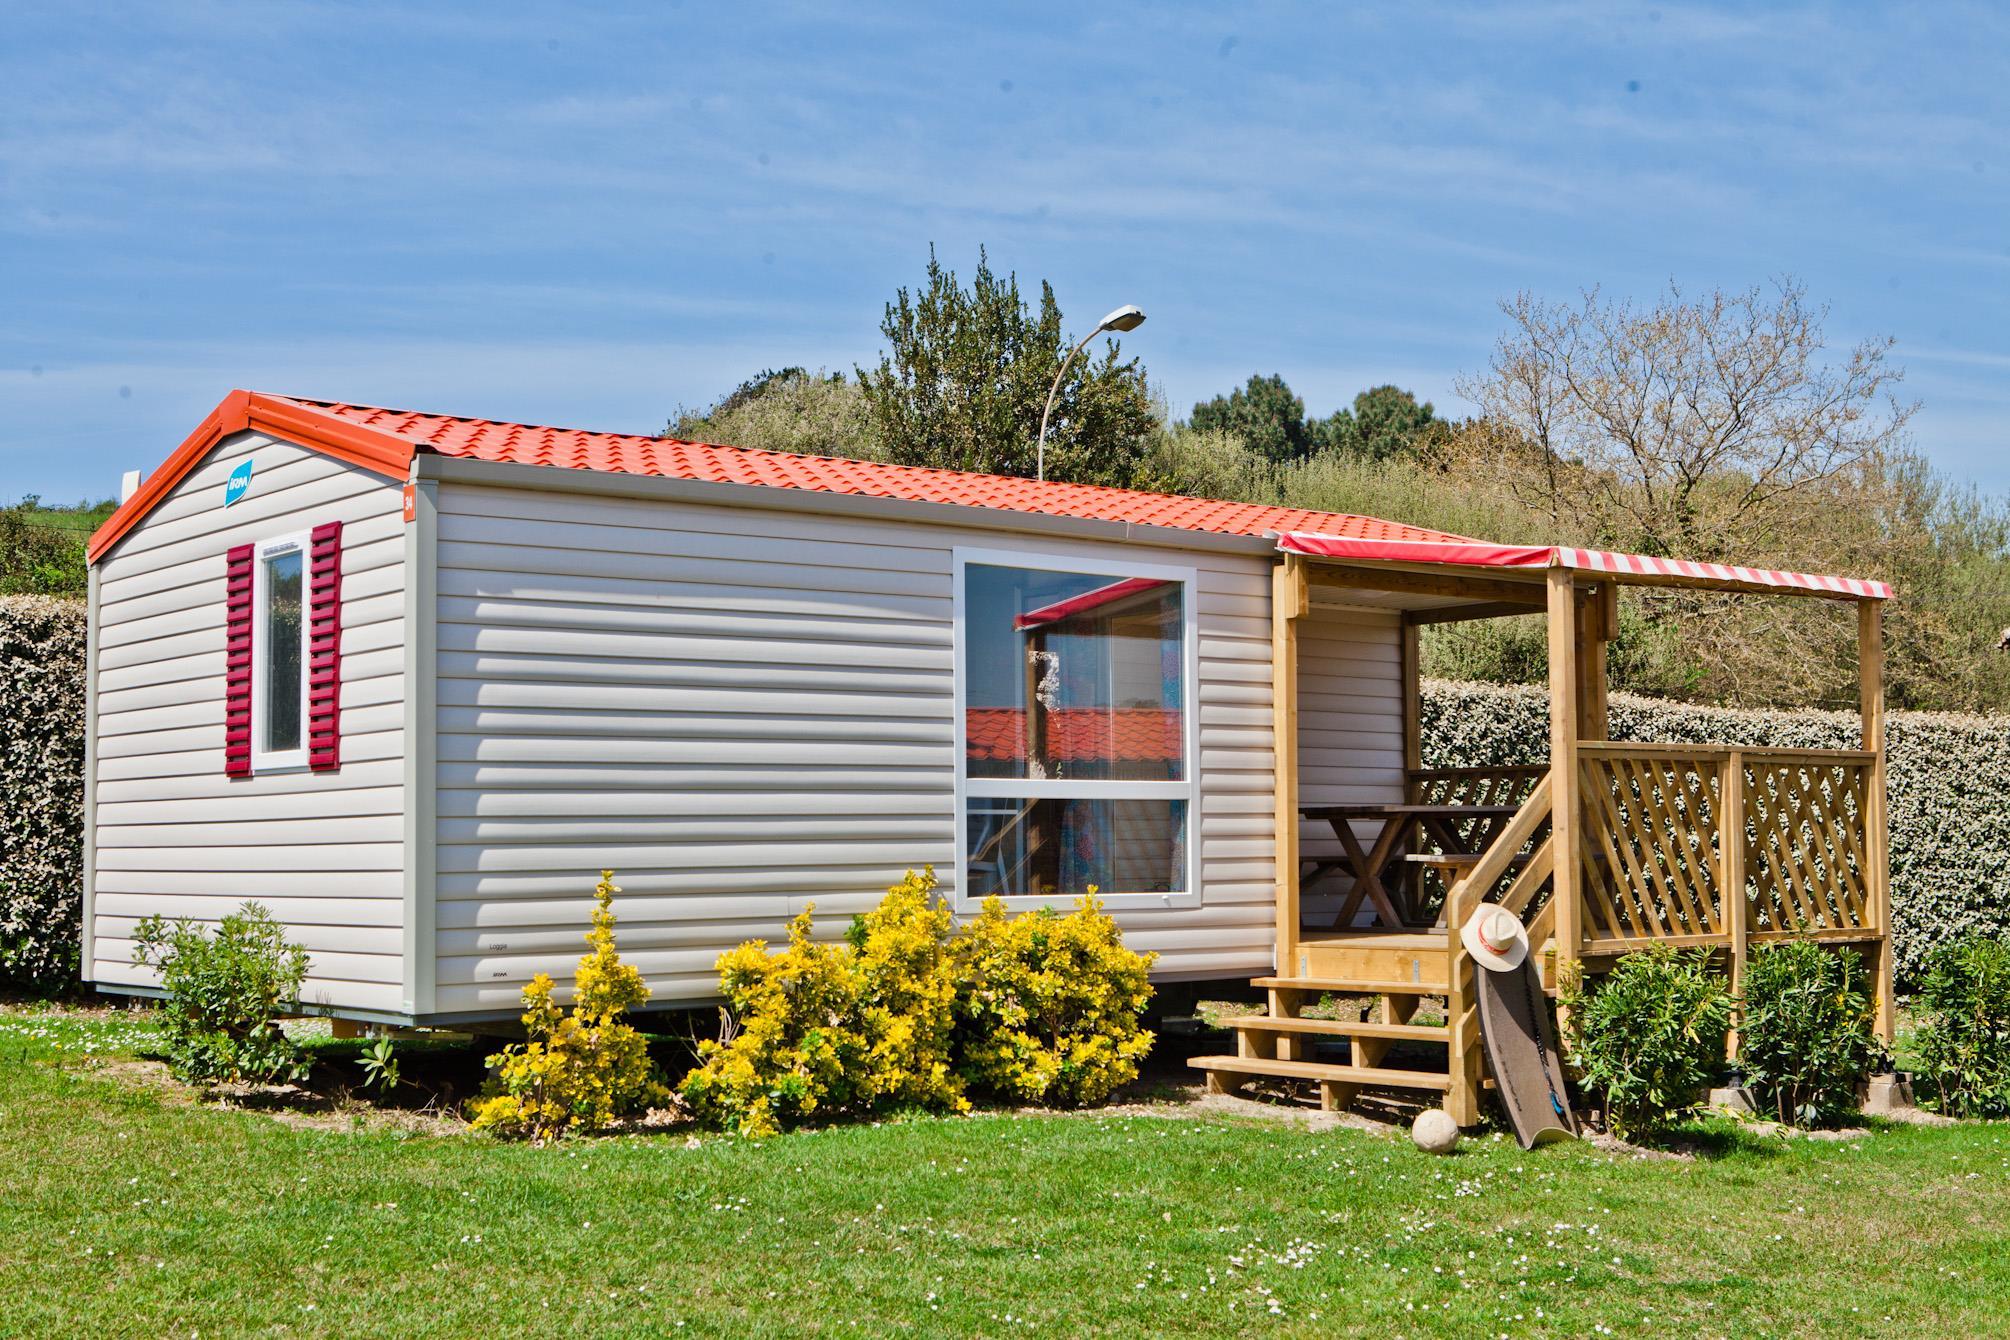 Chalet mobile Type 2 - 25 m² avec terrasse 9 m² avec 1 véhicule